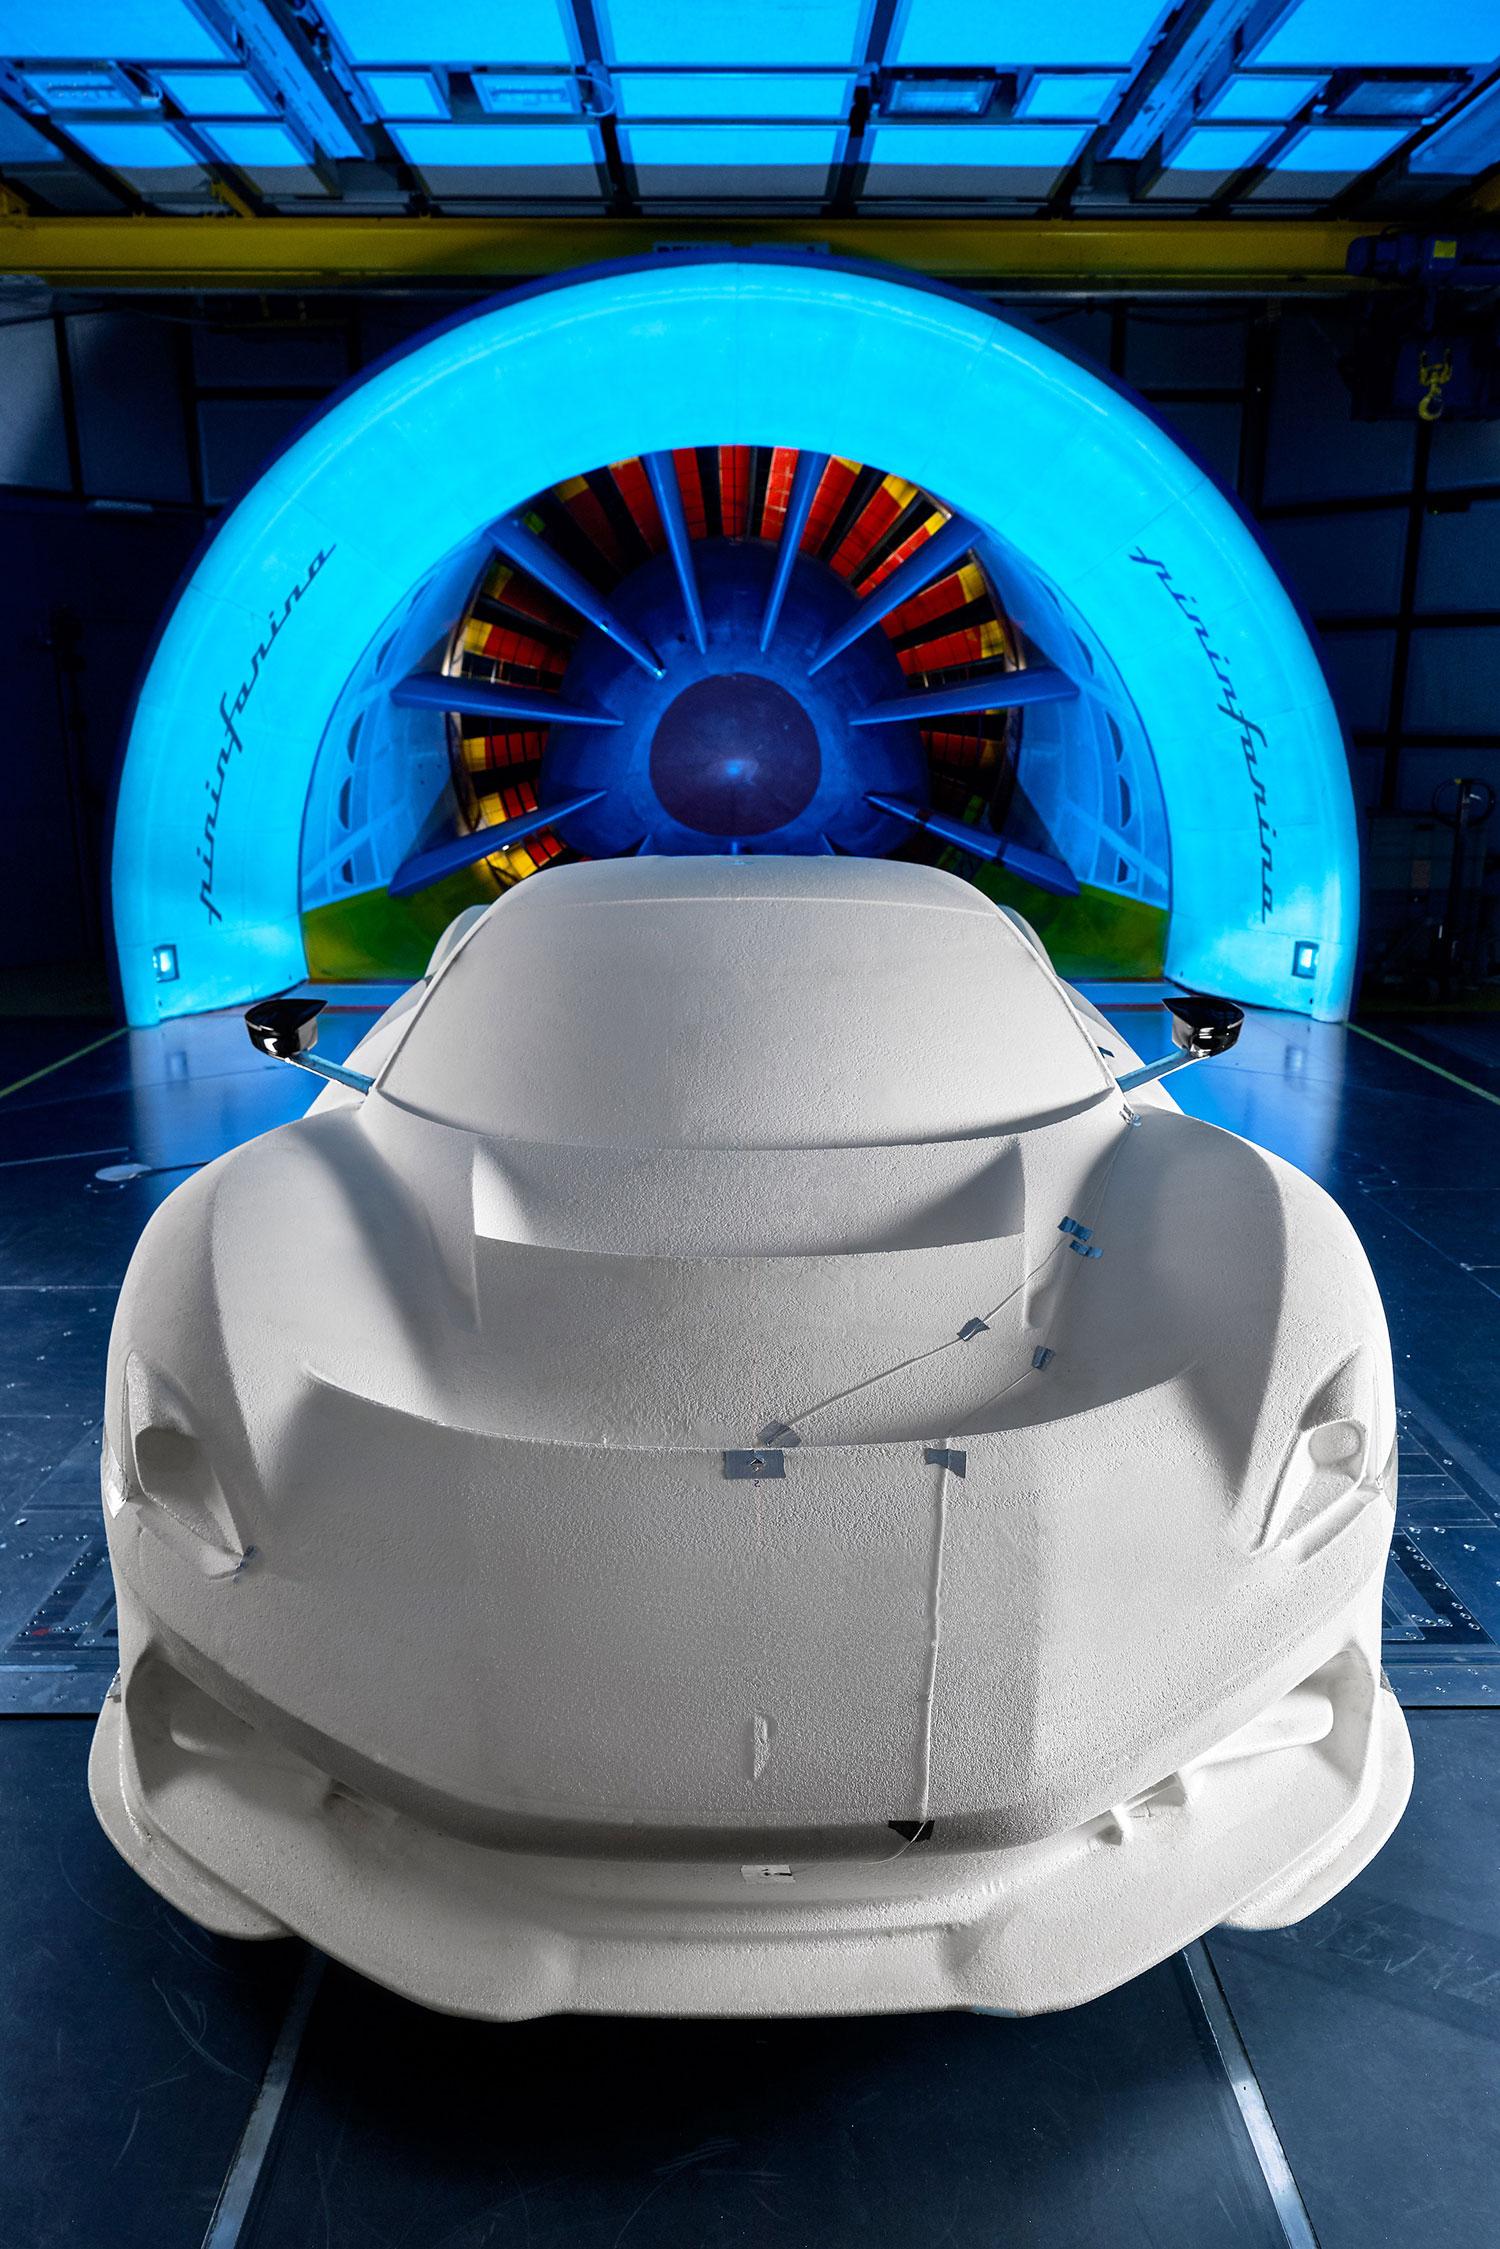 Pininfarina Battista wind tunnel testing